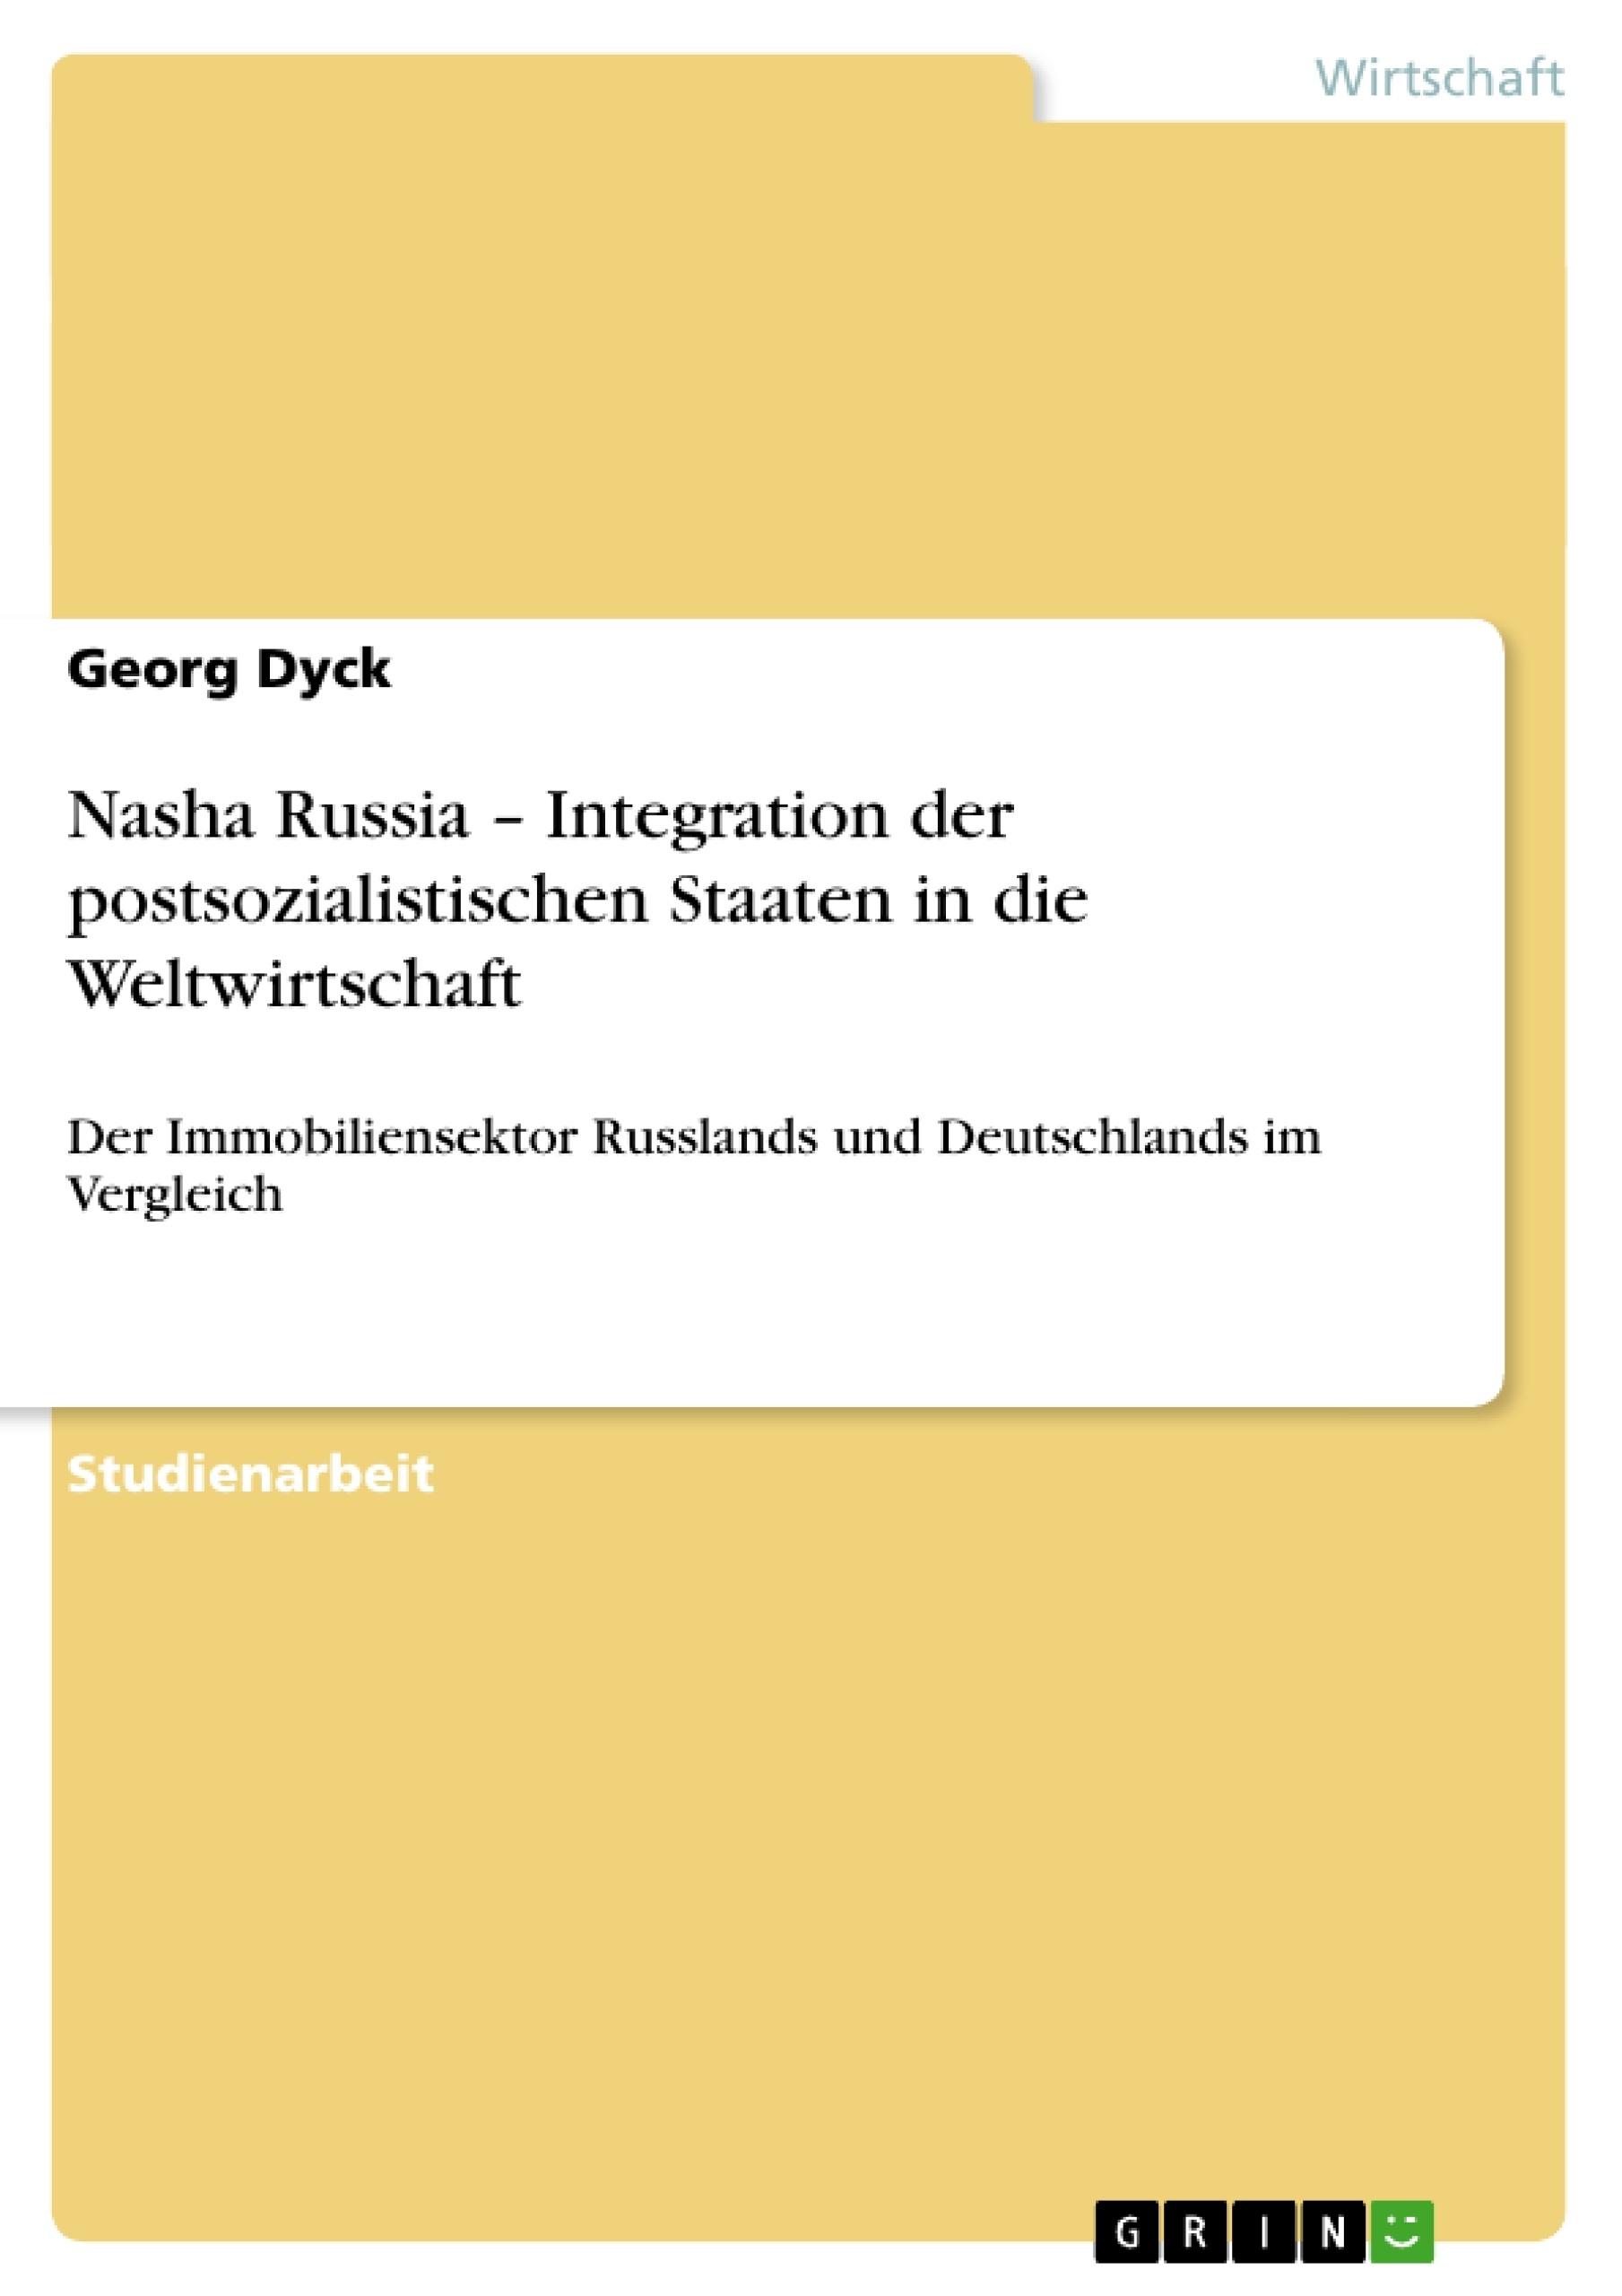 Titel: Nasha Russia – Integration der postsozialistischen Staaten in die Weltwirtschaft